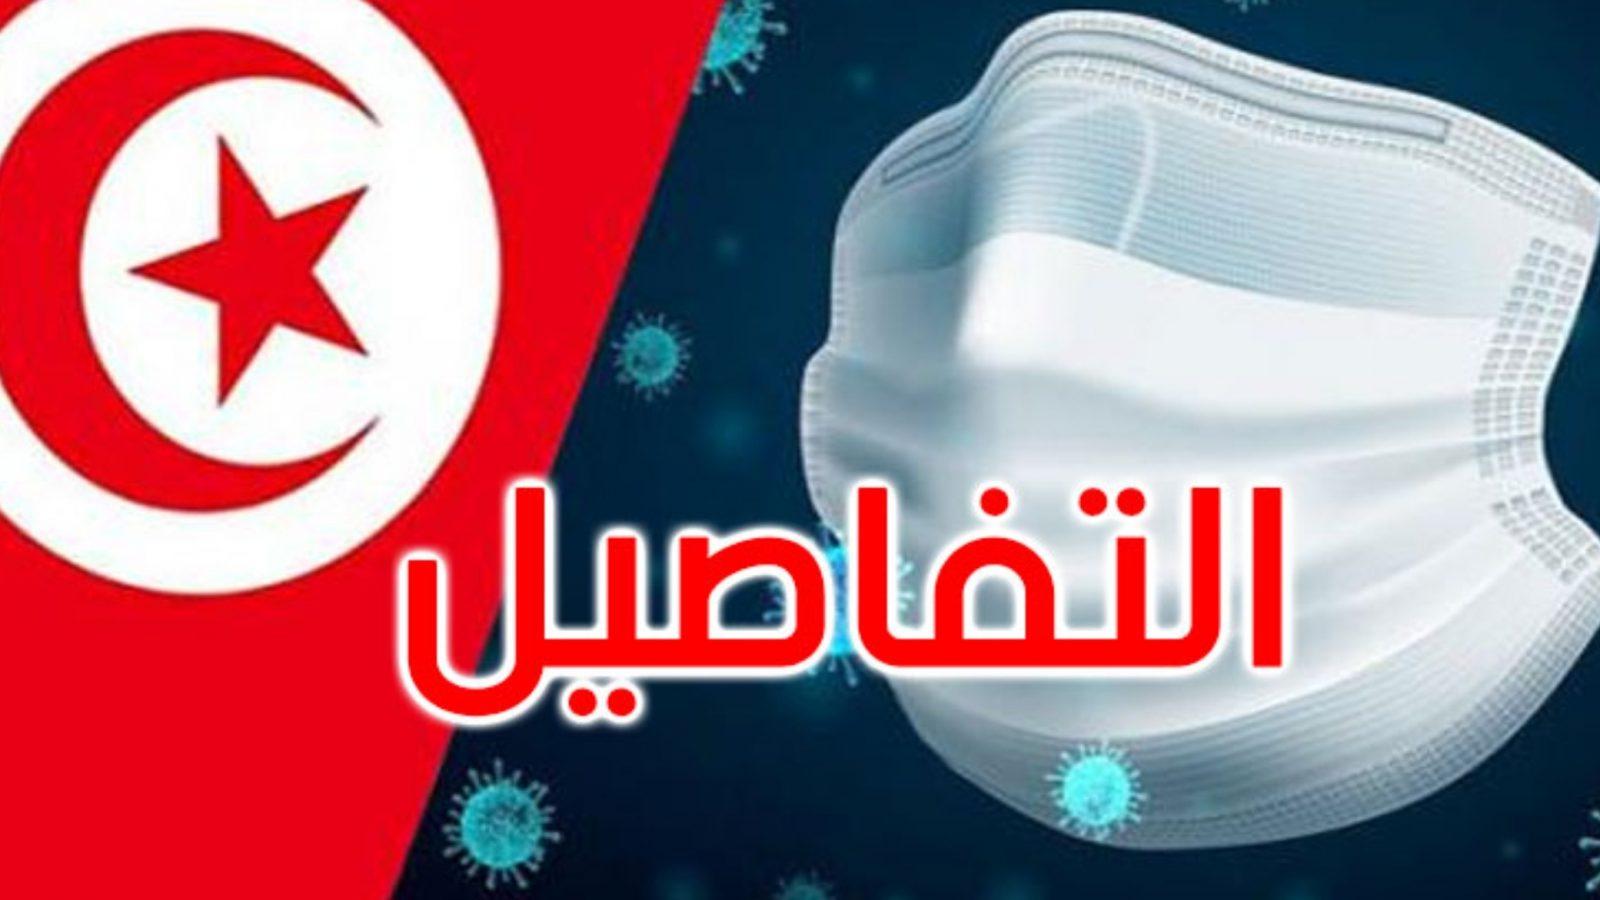 فيديو :الوضع الوبائي في تونس,أرقام قياسية جديدة في عدد الحالات المكتشفة